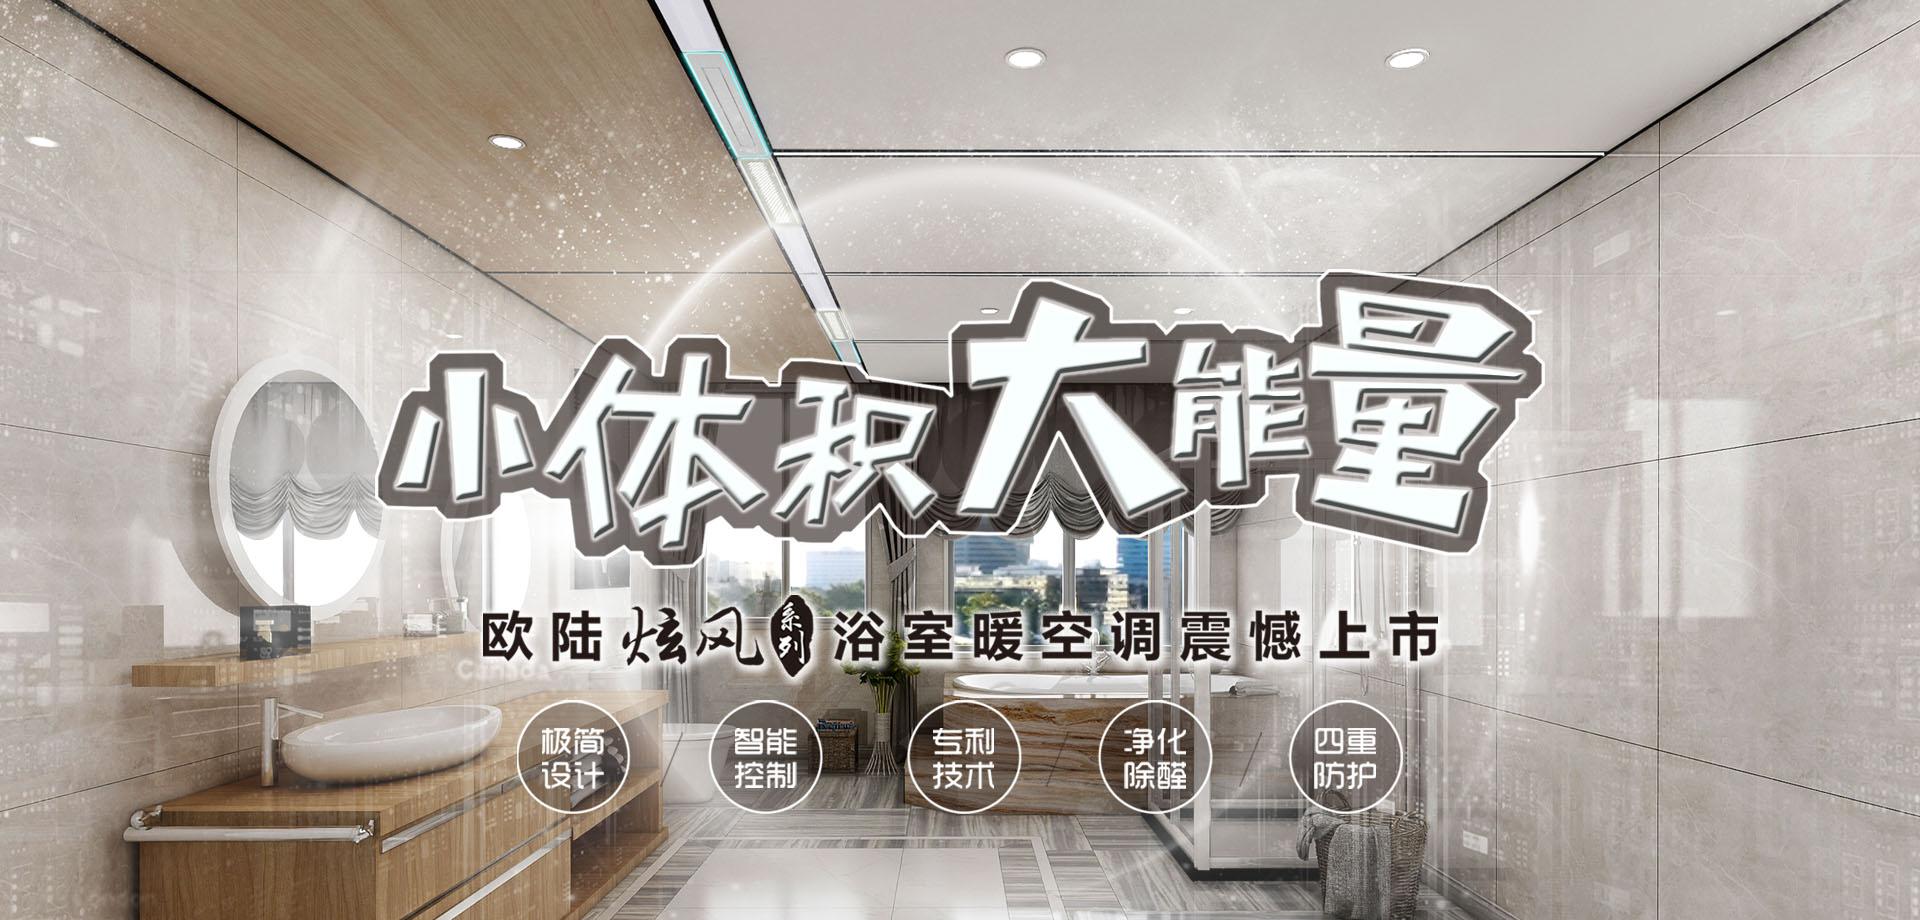 炫風系列 微信官網